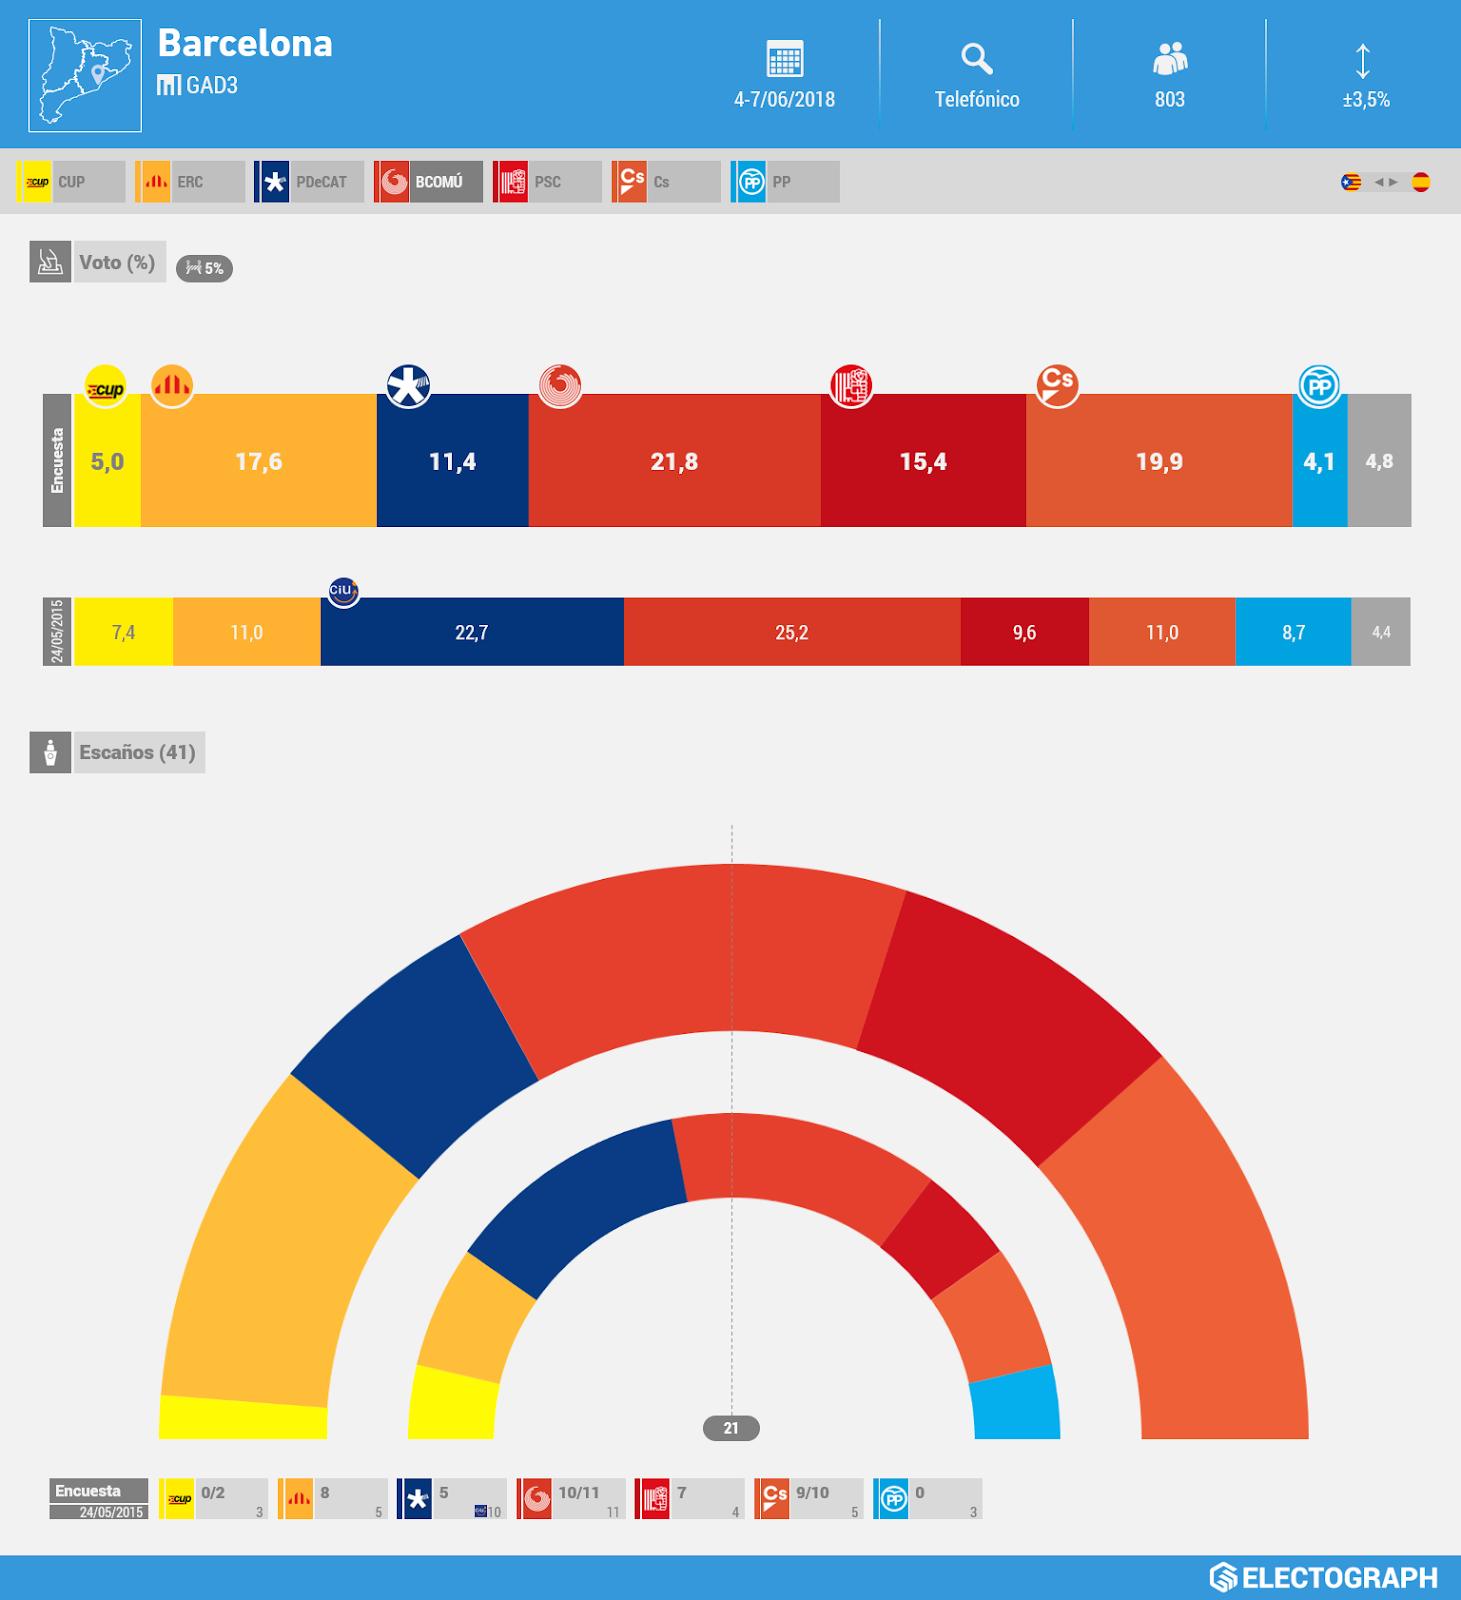 Gráfico de la encuesta para elecciones municipales en Barcelona realizada por GAD3 en junio de 2018